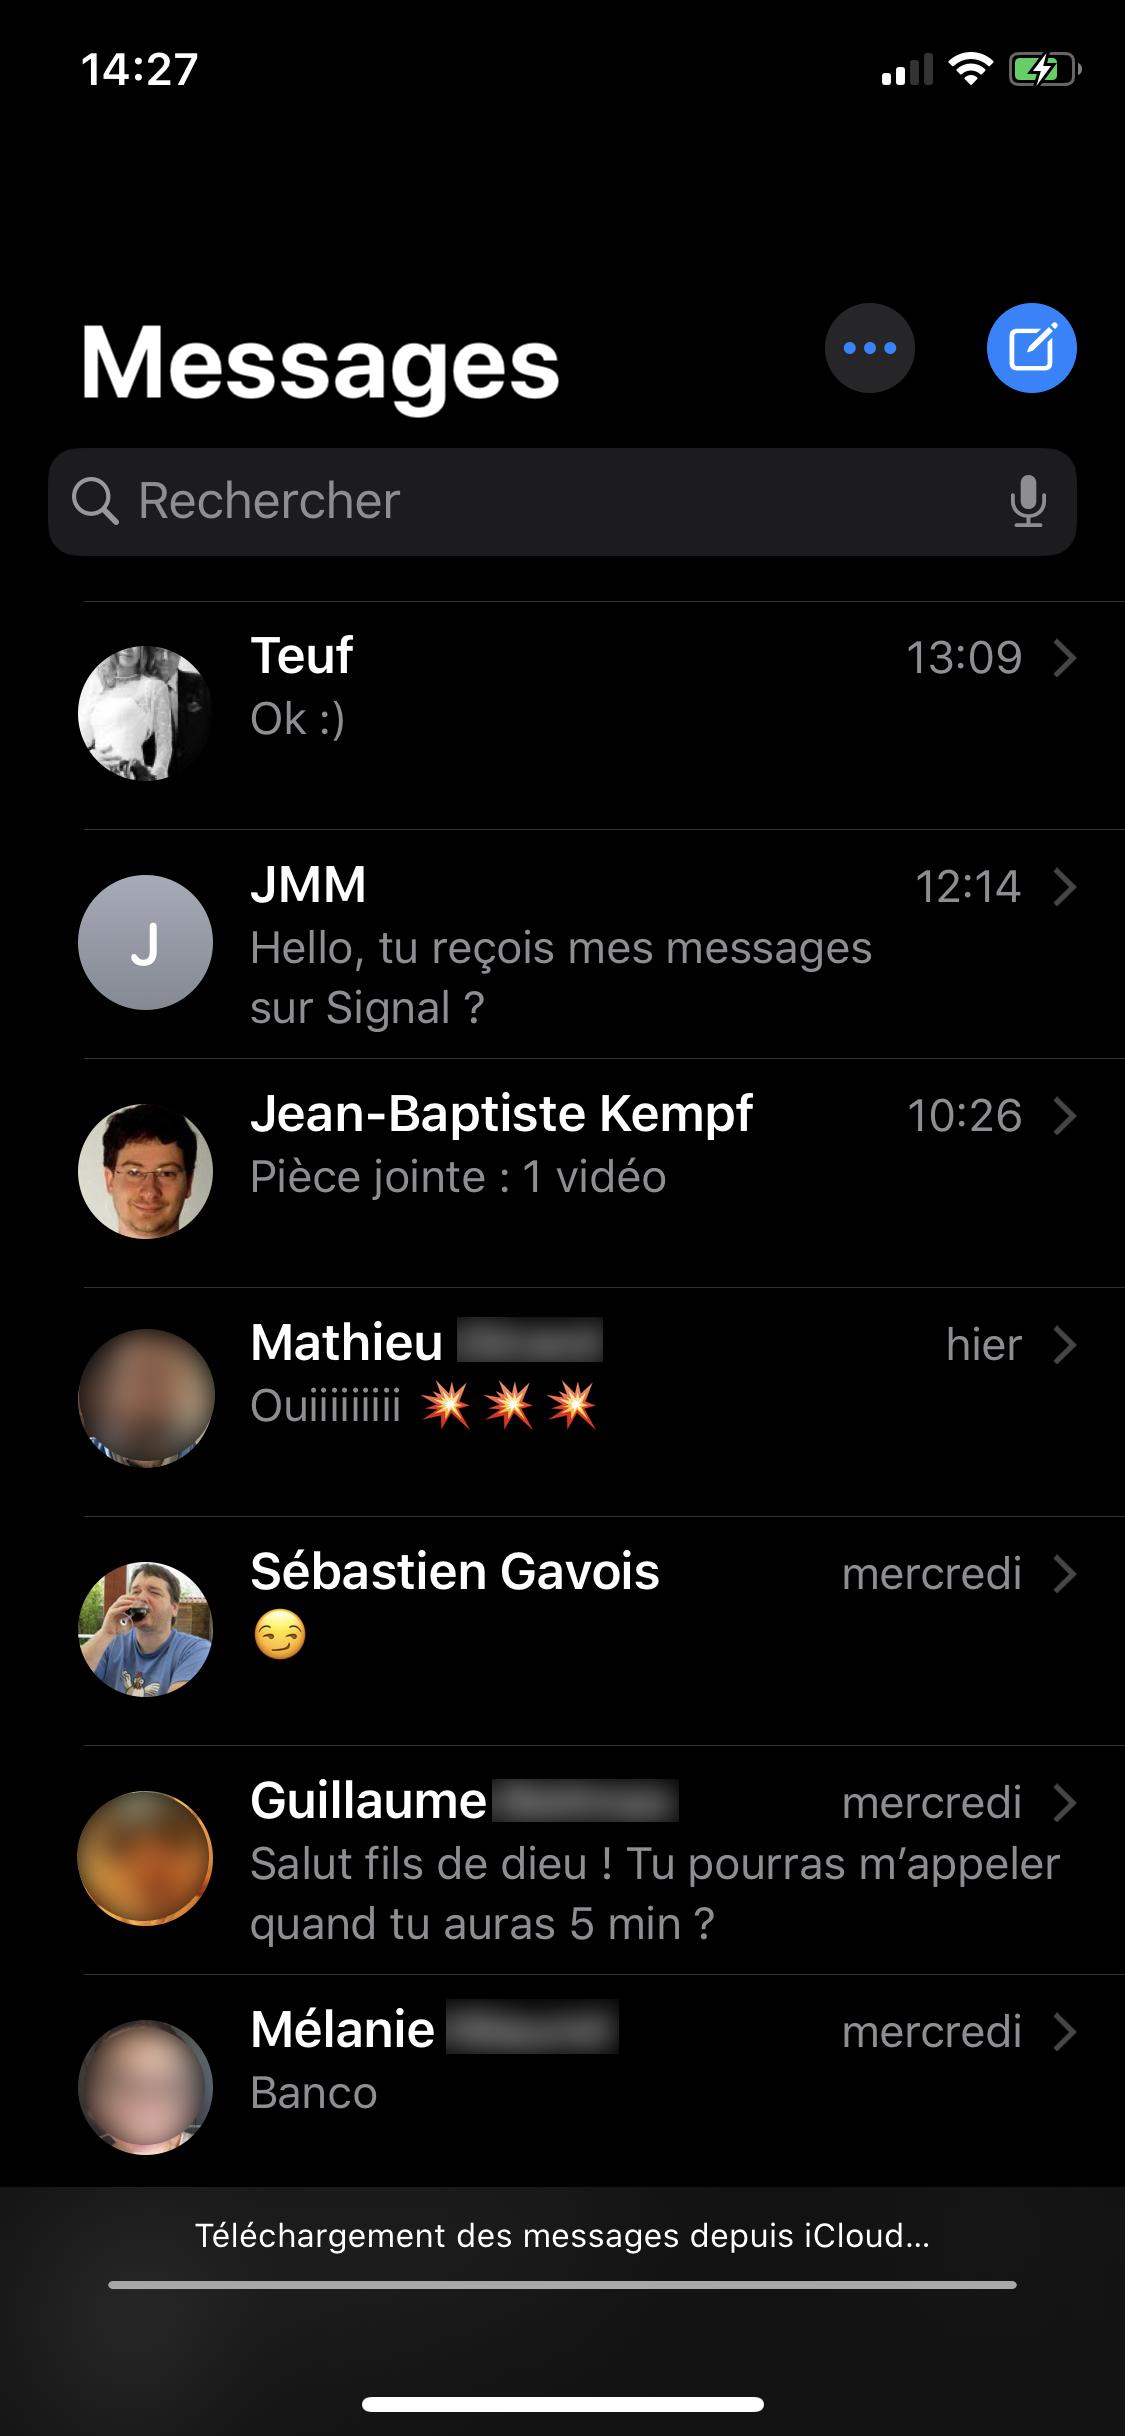 iOS 13 thème sombre